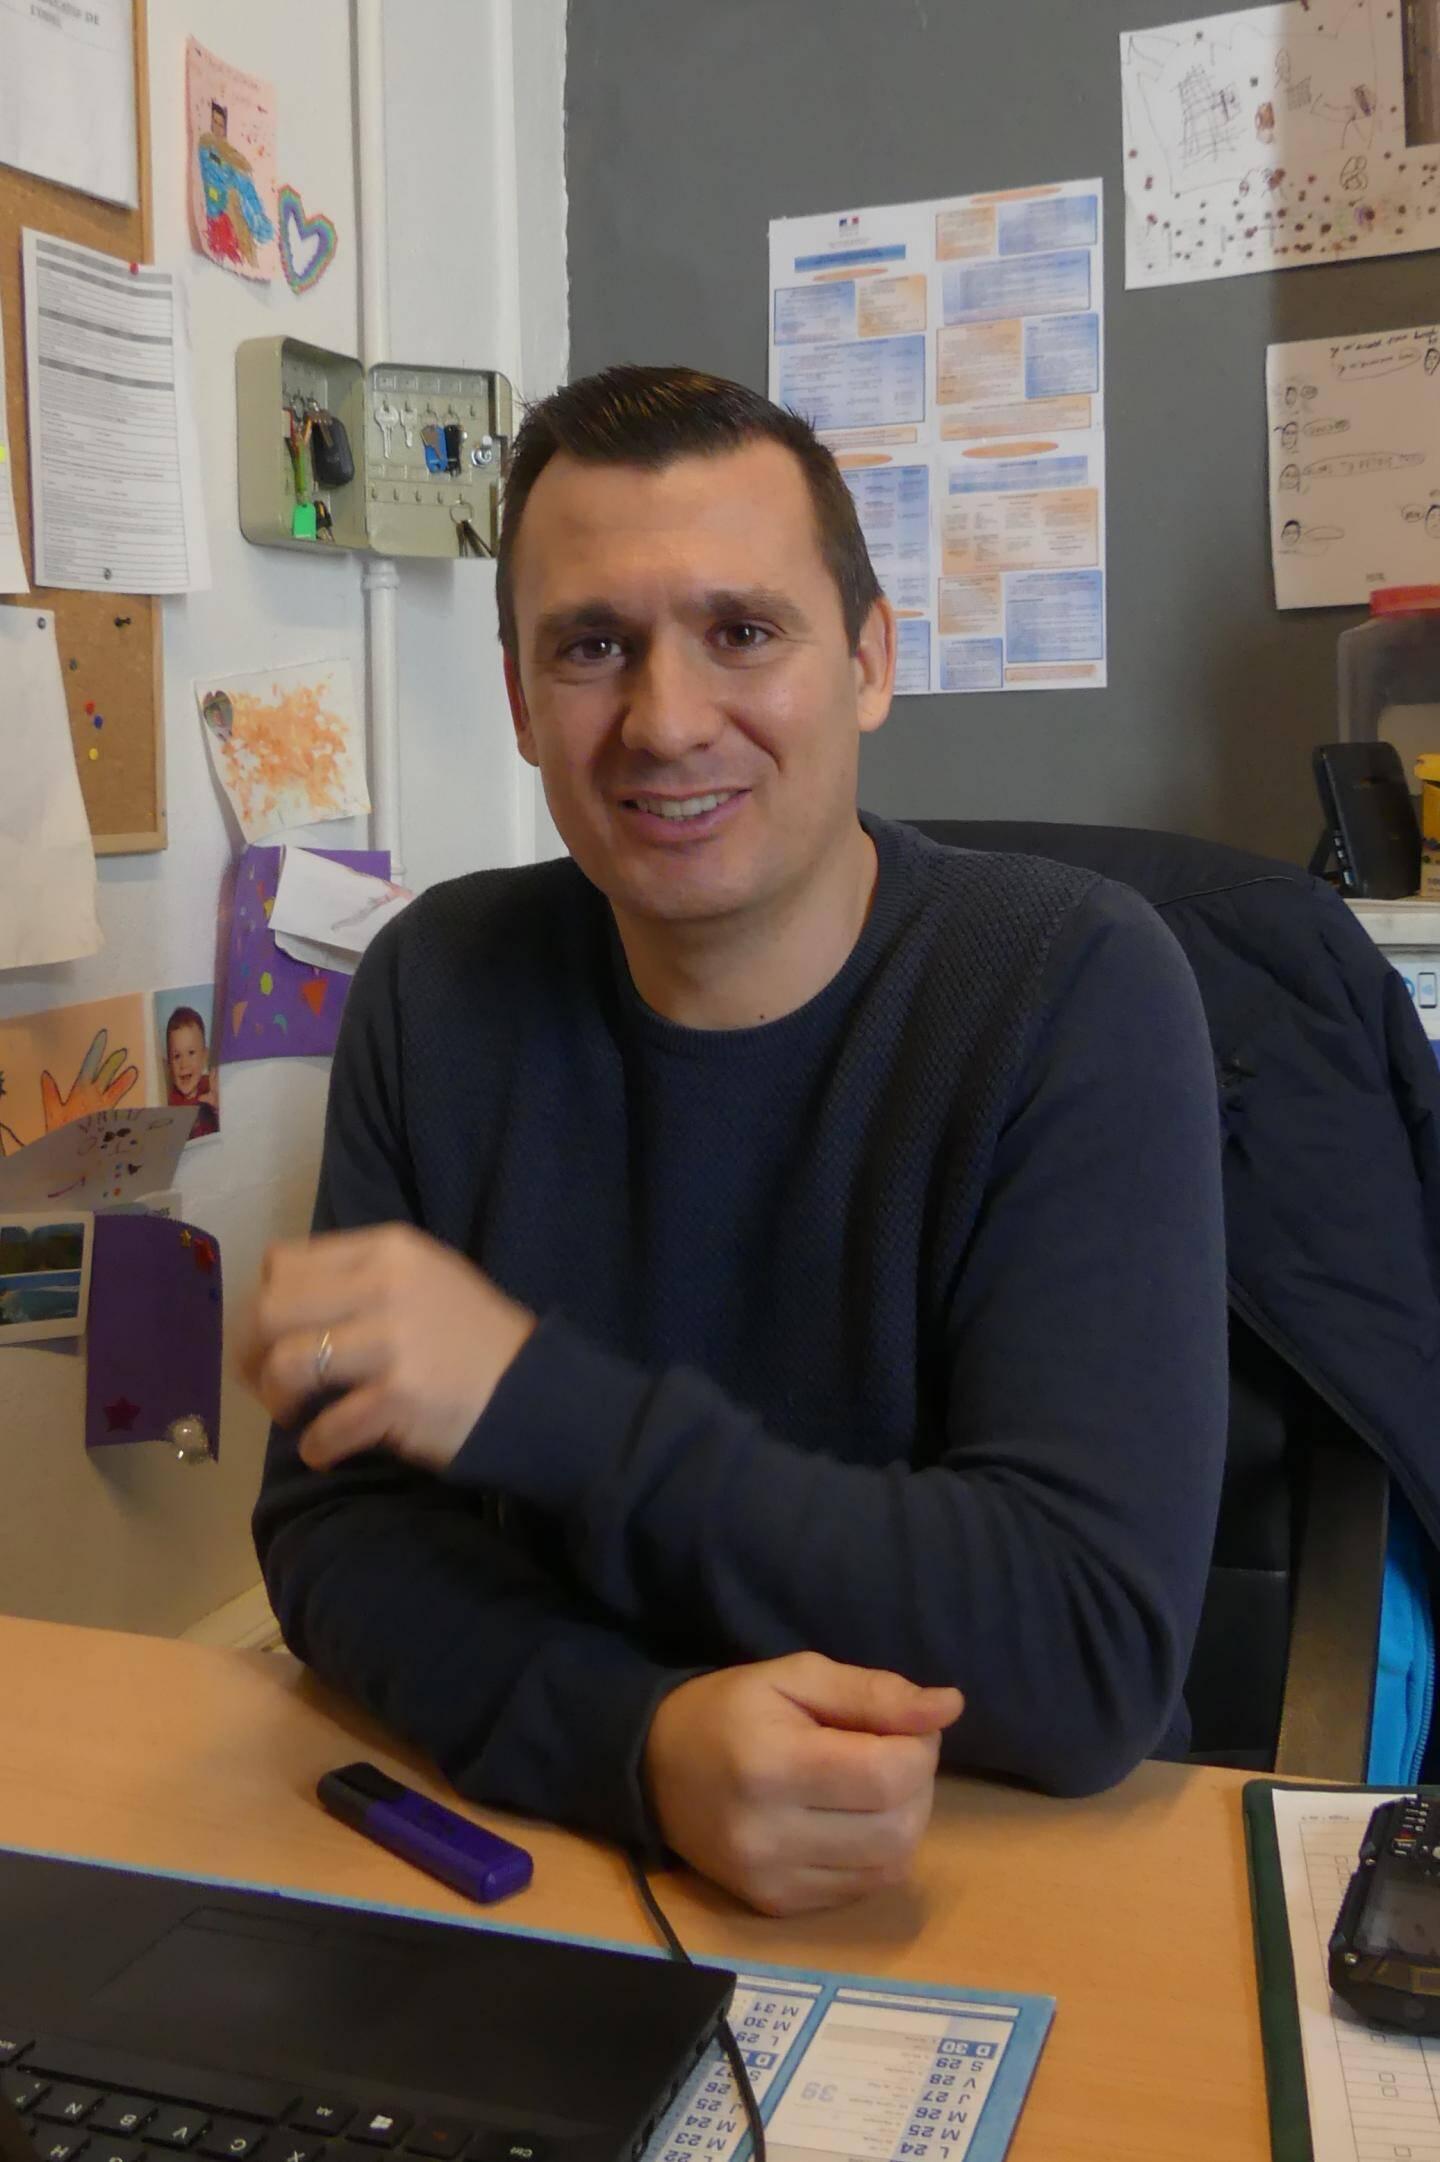 Yoann Falconetti propose des activités très variés aux jeunes de l'Odelvar accueillis pendant les vacances.